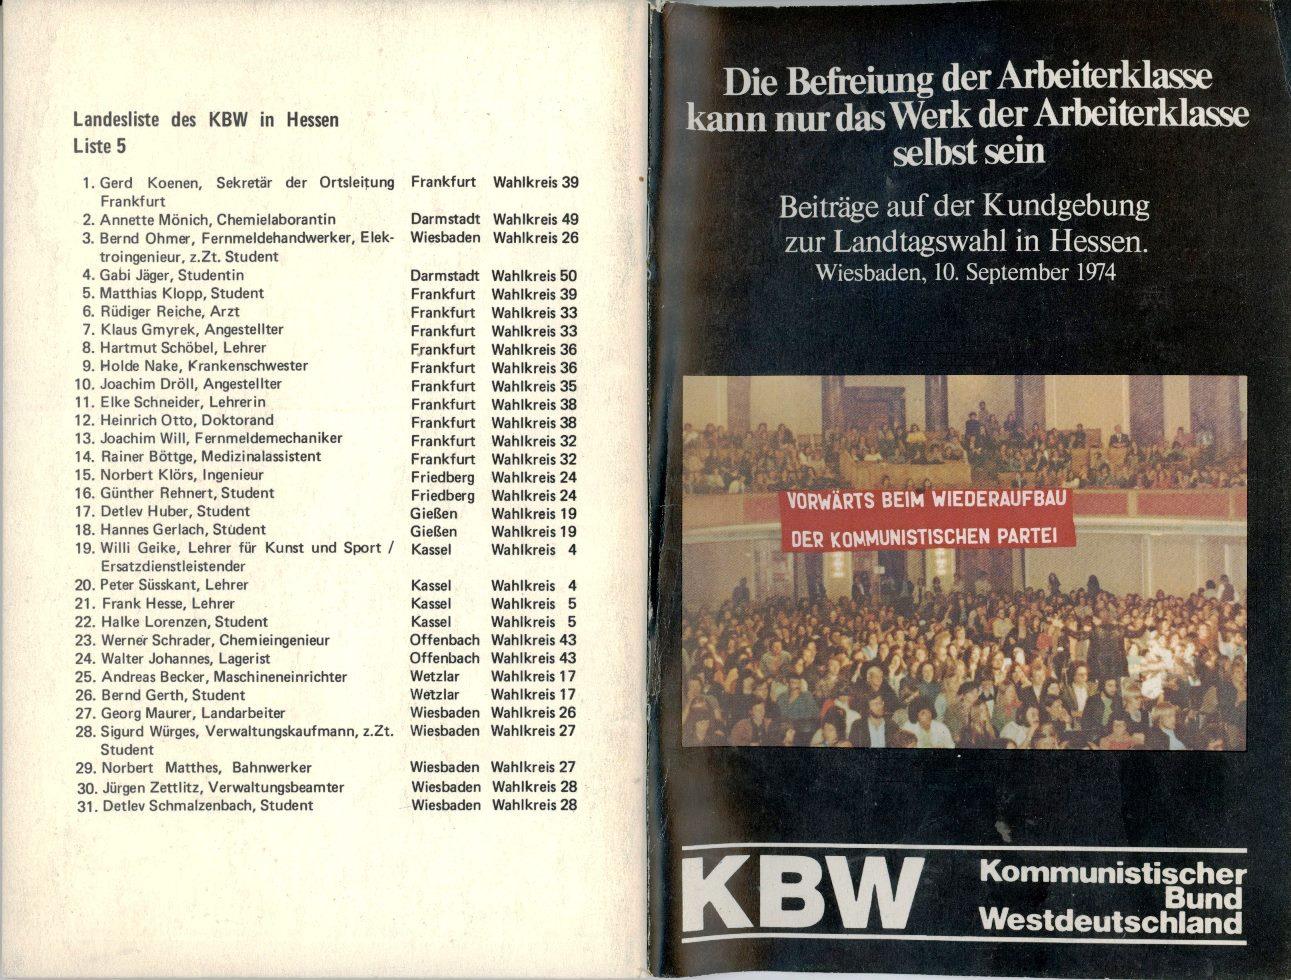 Hessen_KBW_LTW_Kundgebung_in_Wiesbaden_30_09_1974_01